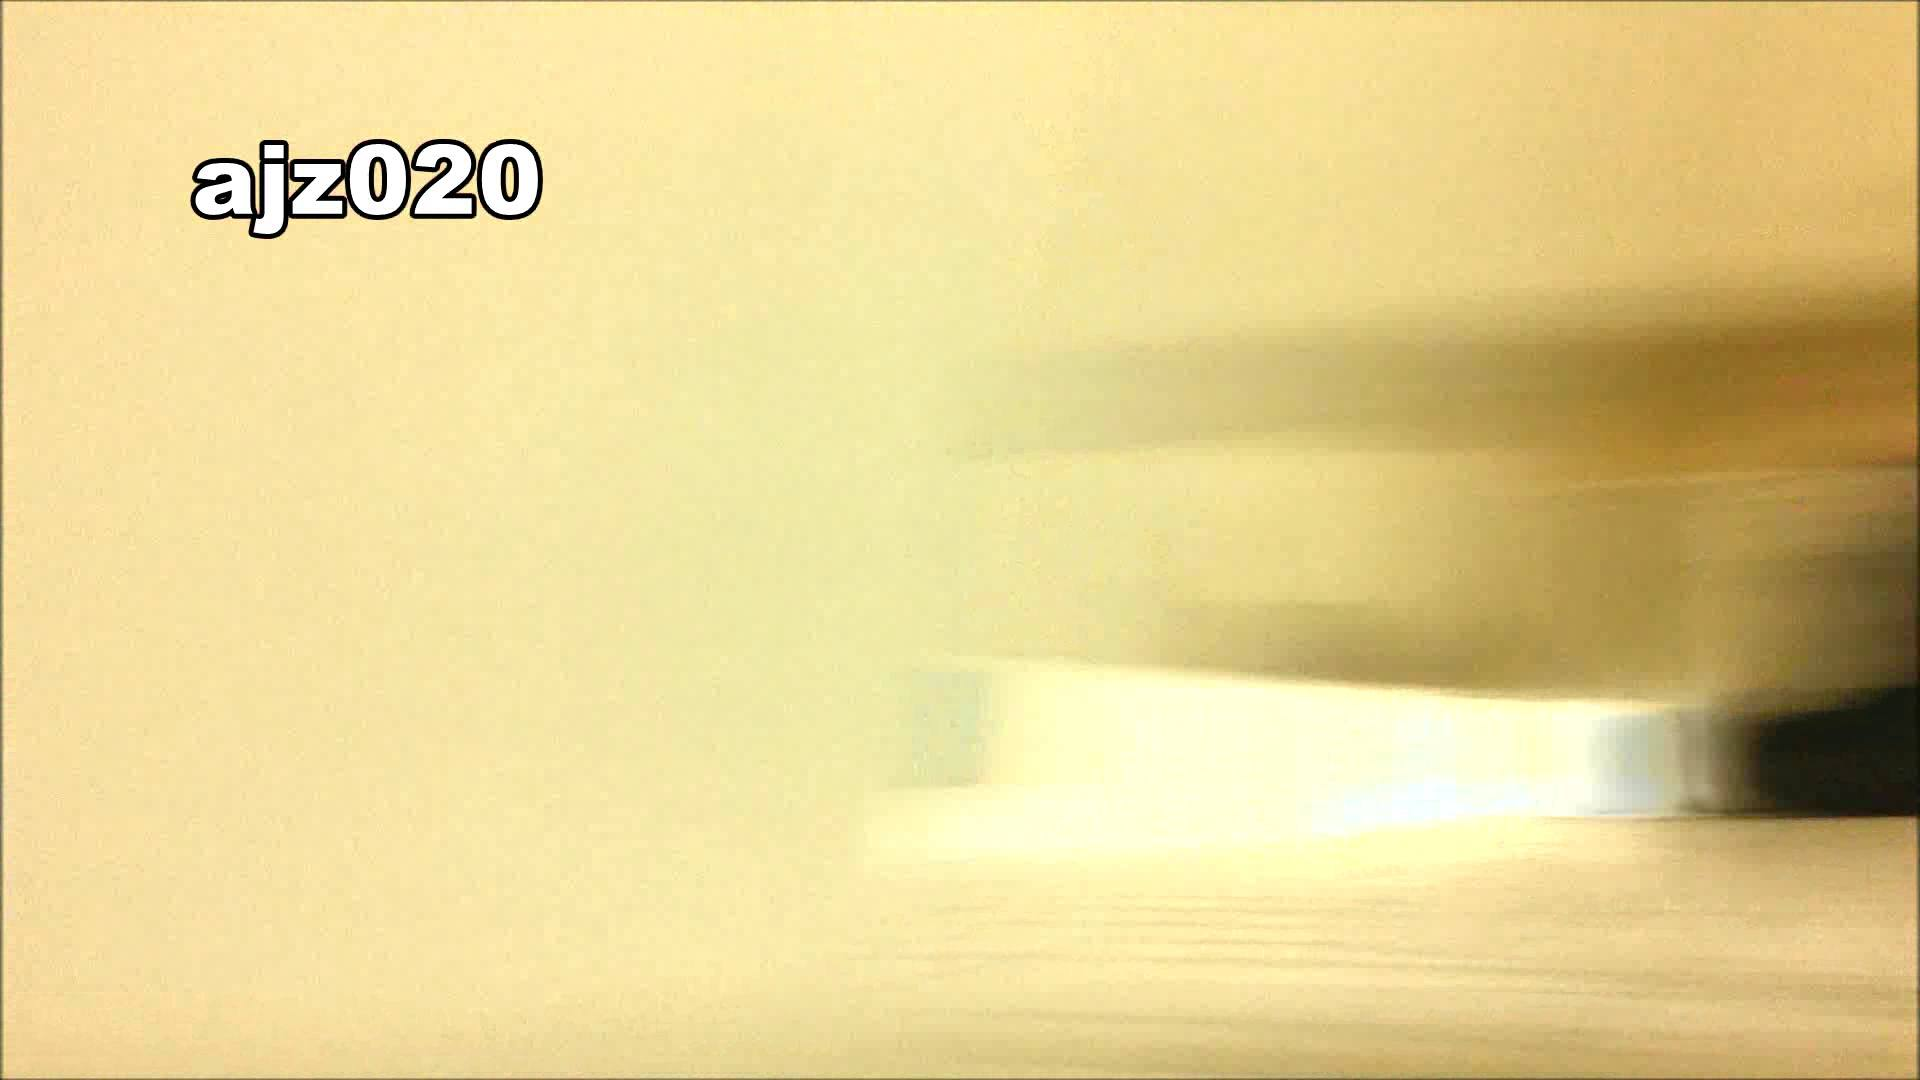 某有名大学女性洗面所 vol.20 洗面所  76PIX 46